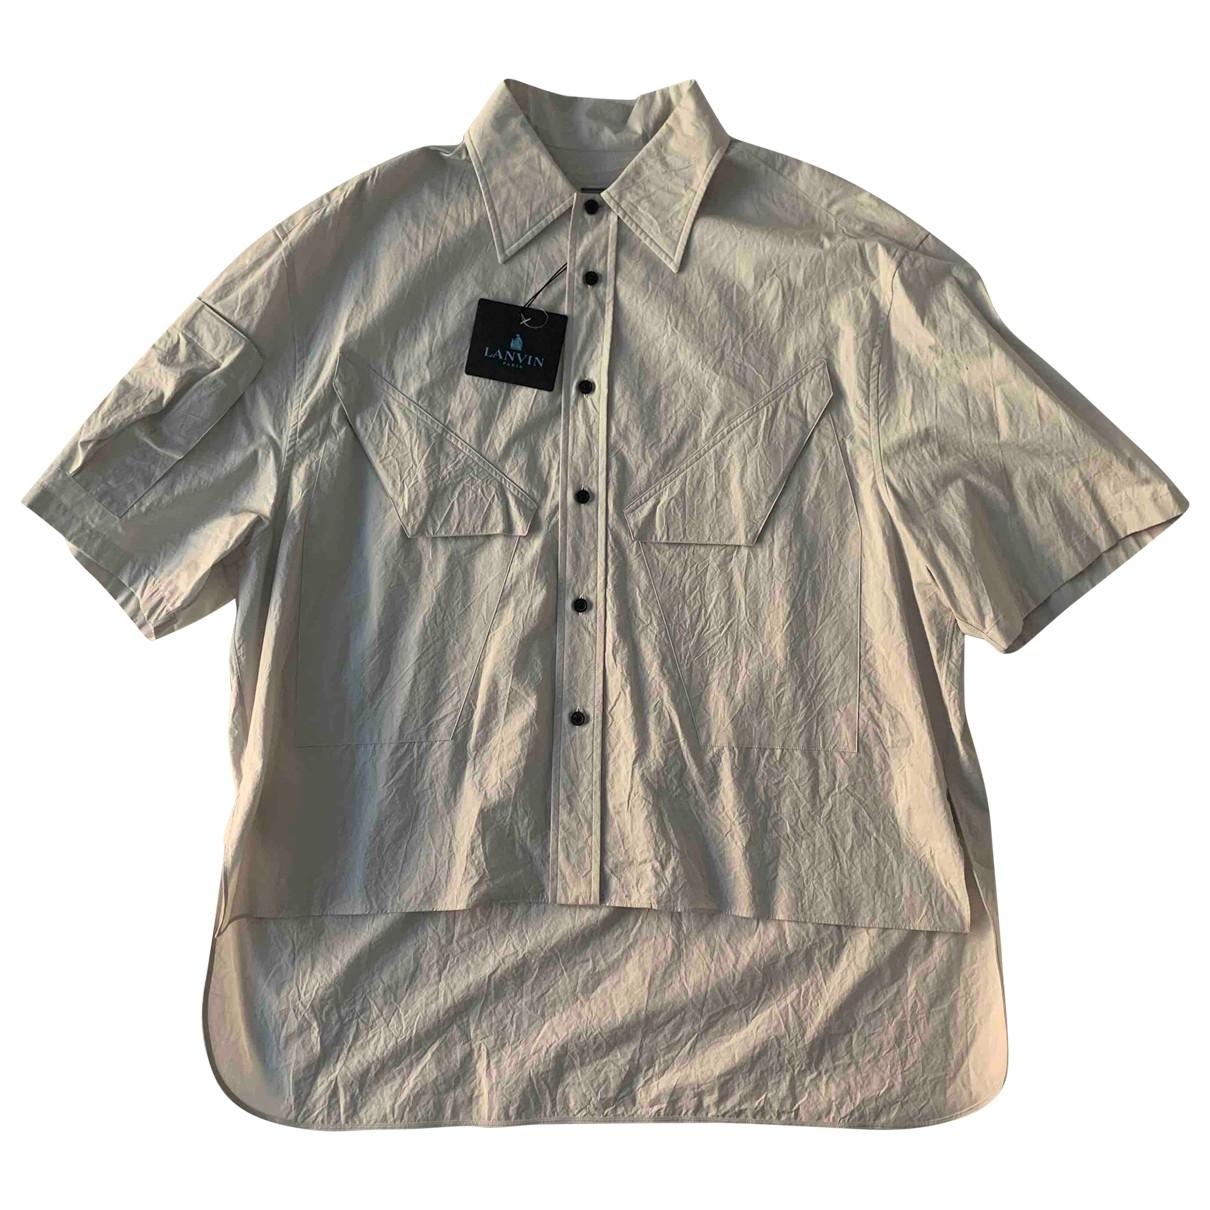 Lanvin \N Hemden in  Grau Baumwolle